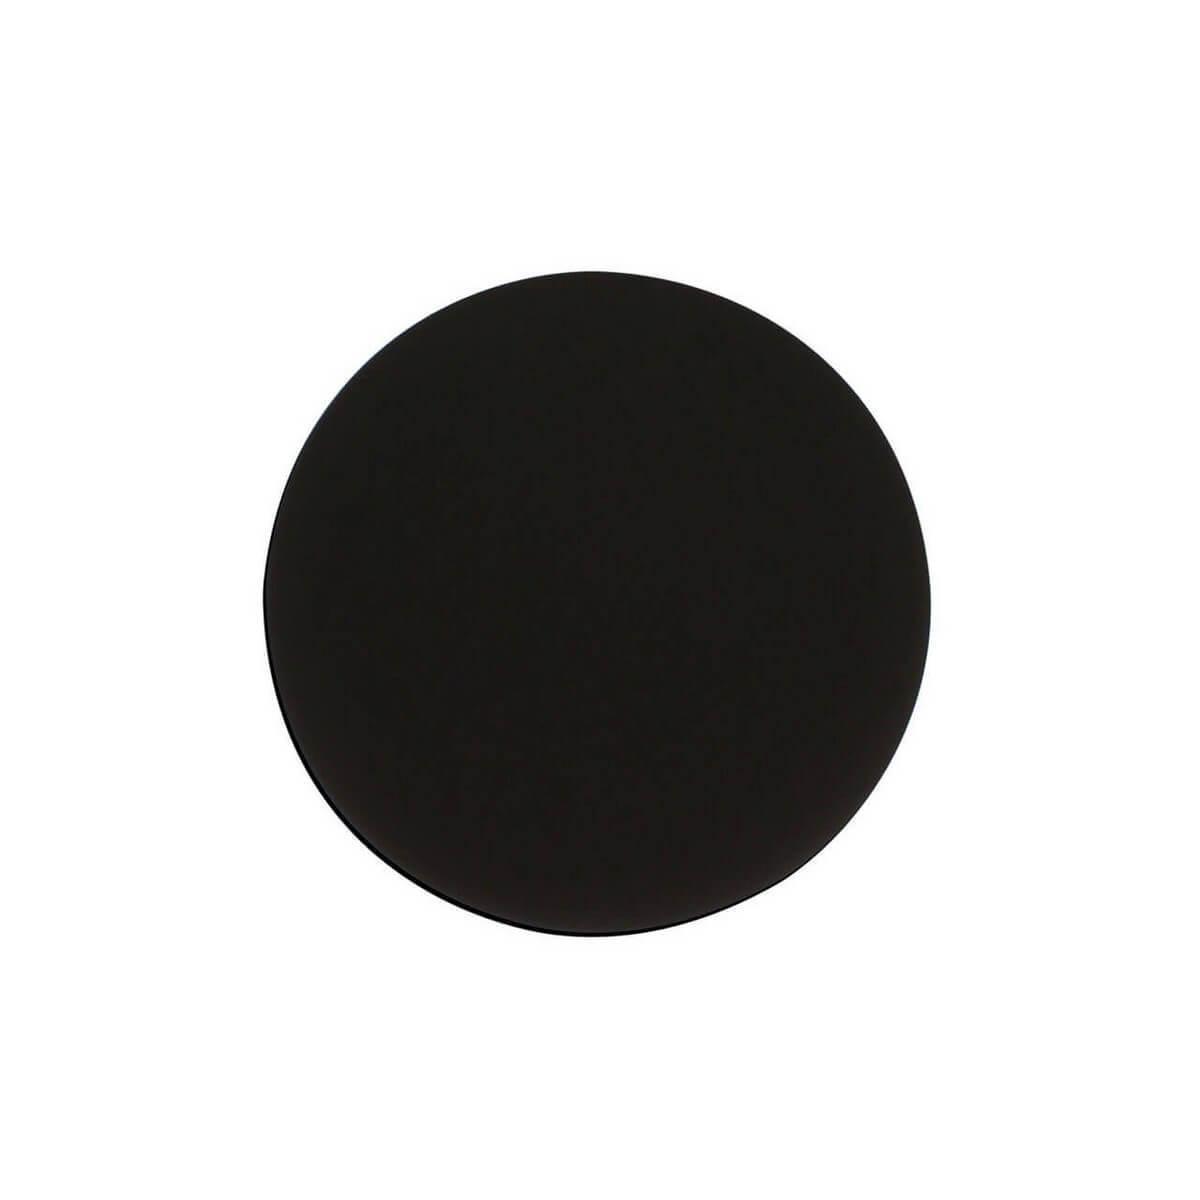 Настенный светильник Kink Light 2201,19, LED, 12 Вт kink light настенный светильник italline ufo black gold